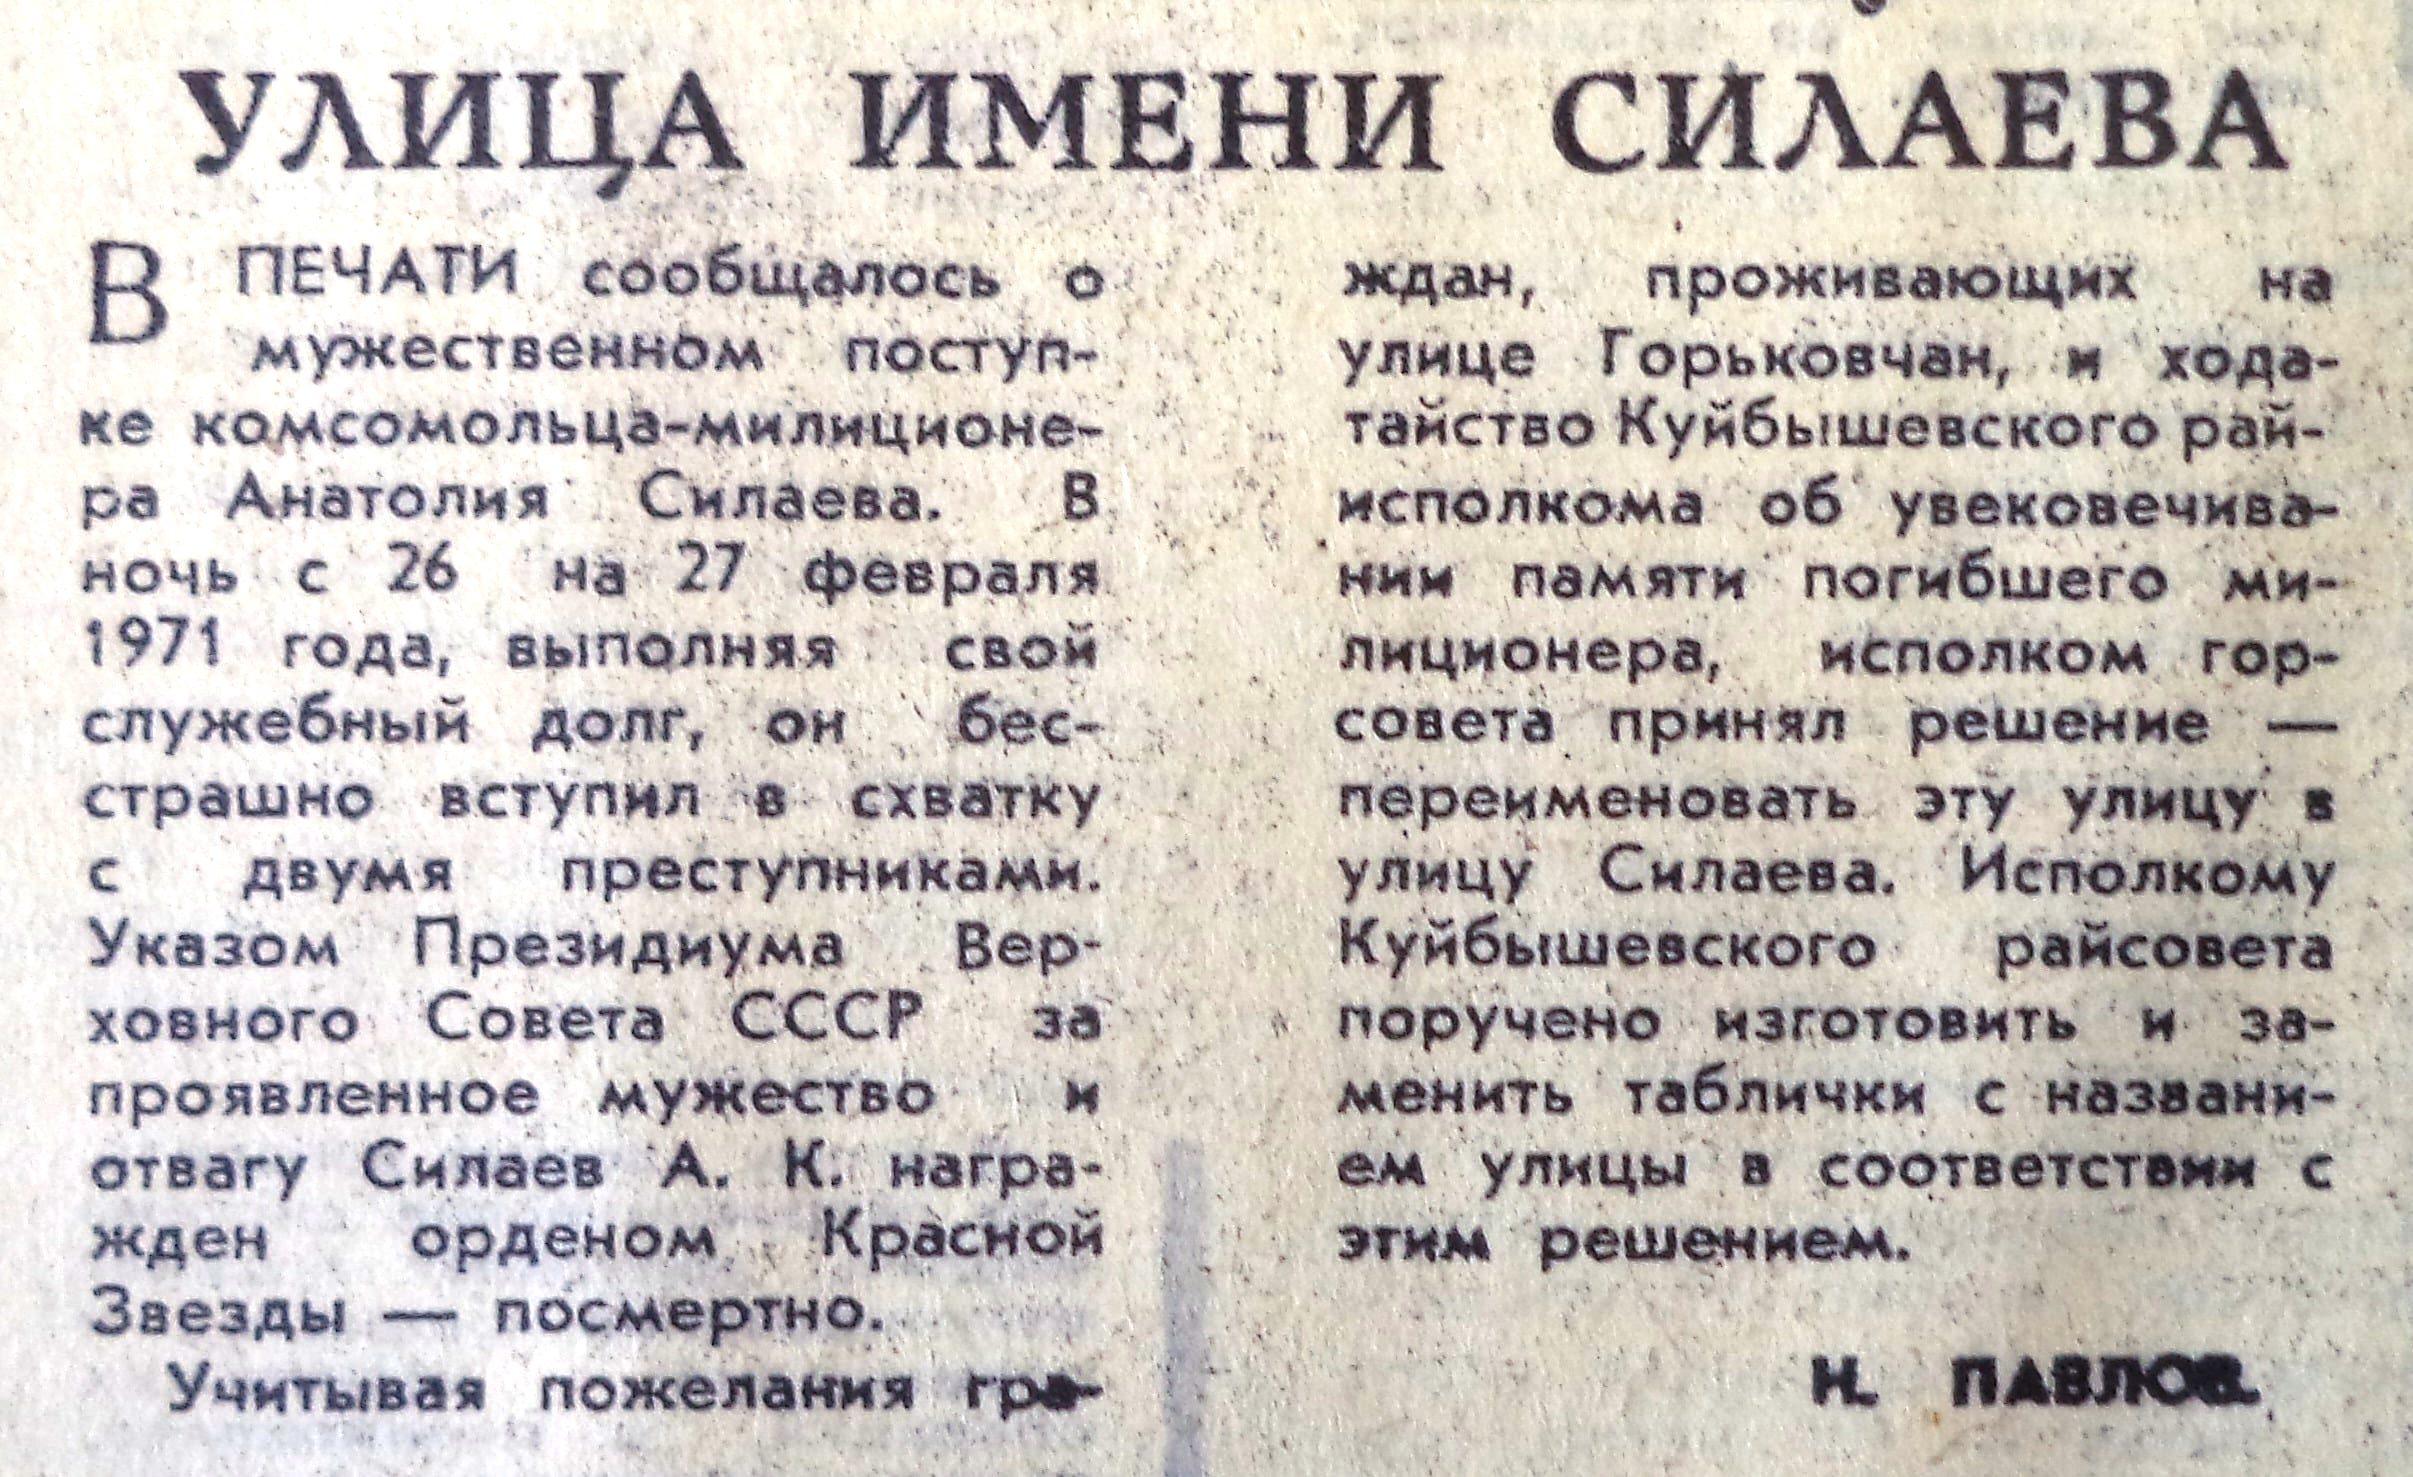 Силаева-ФОТО-13-ВЗя-1973-03-07-переименование ул. Силаева-min